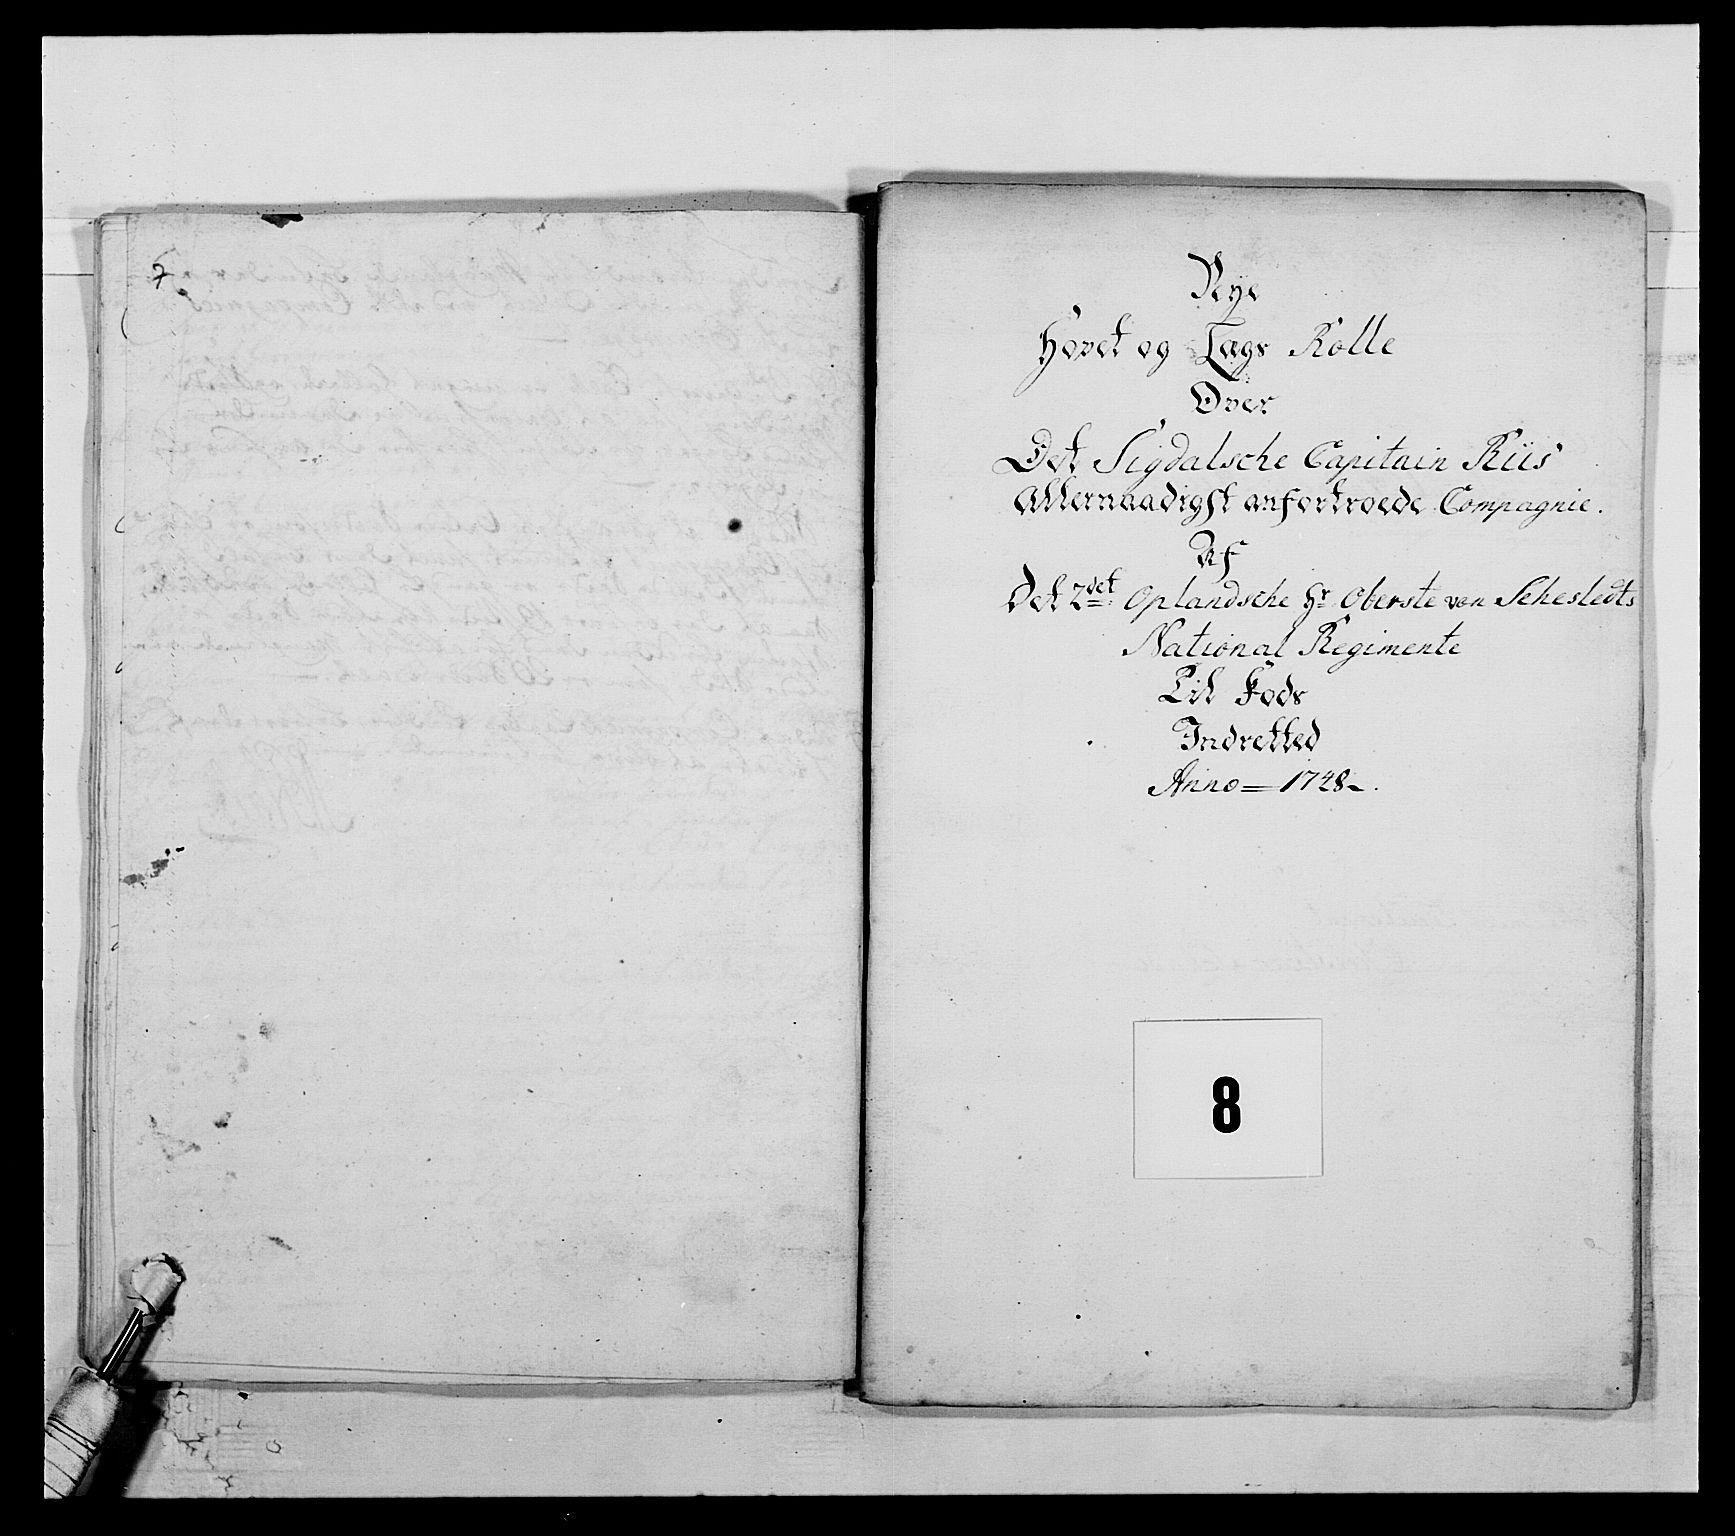 RA, Kommanderende general (KG I) med Det norske krigsdirektorium, E/Ea/L0505: 2. Opplandske regiment, 1748, s. 217